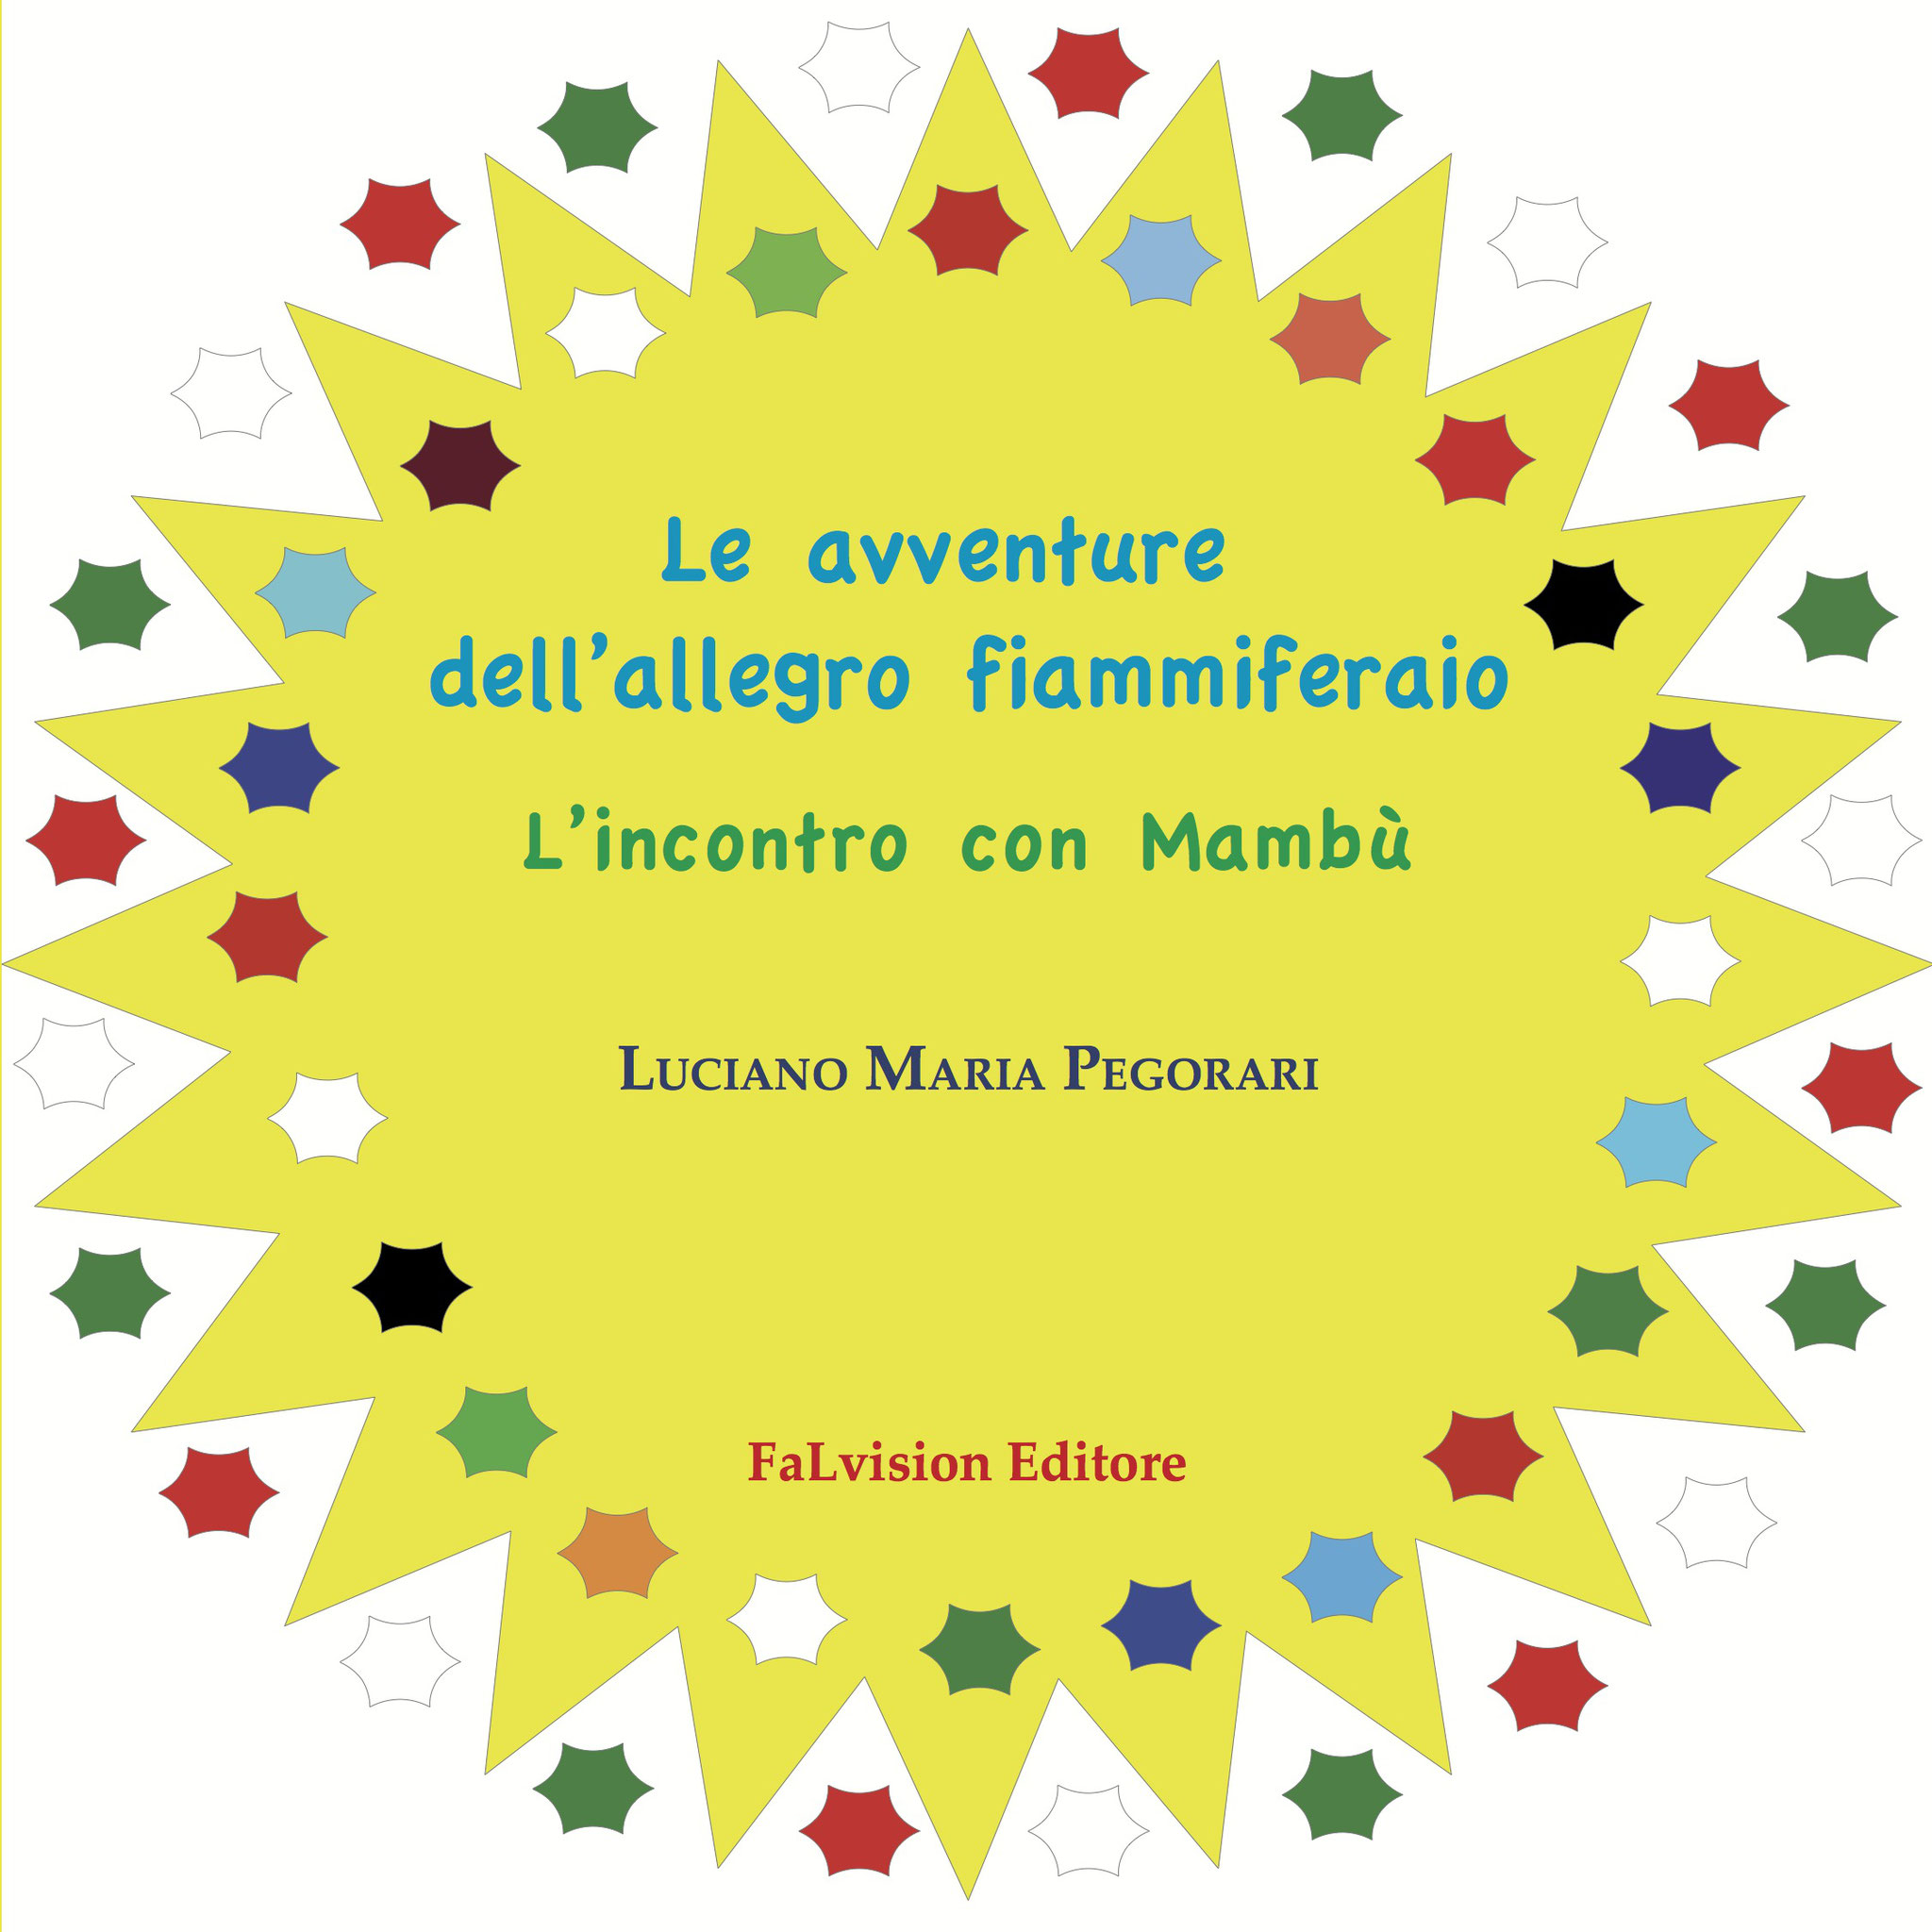 Le avventure dell'allegro fiammiferaio. L'incontro con Mambù. Luciano M. Pegorari